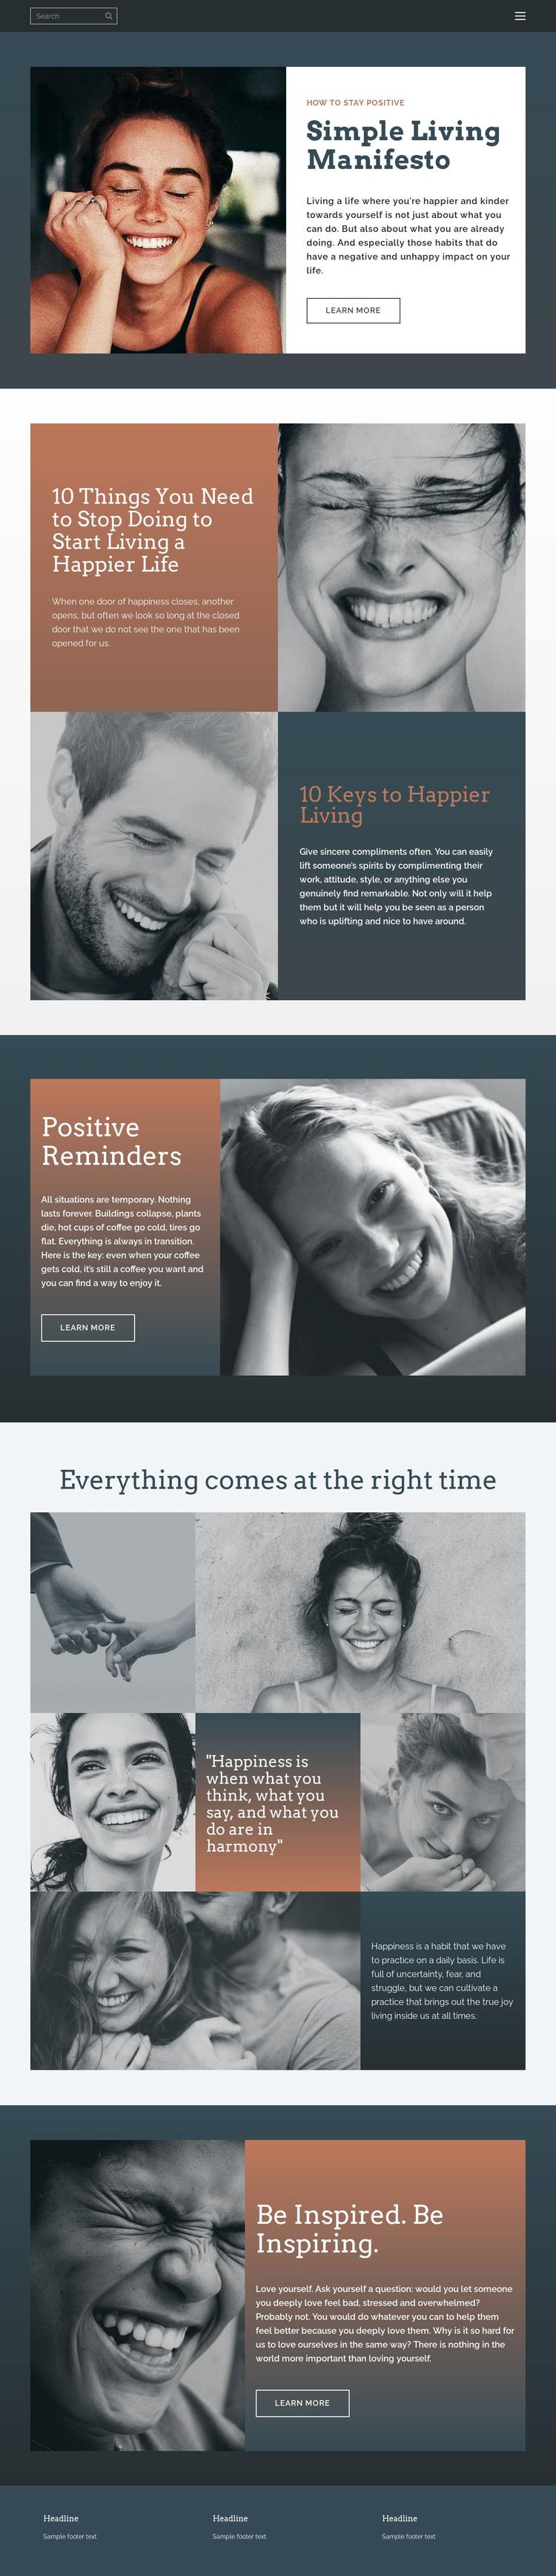 Simple living manifesto Web Design